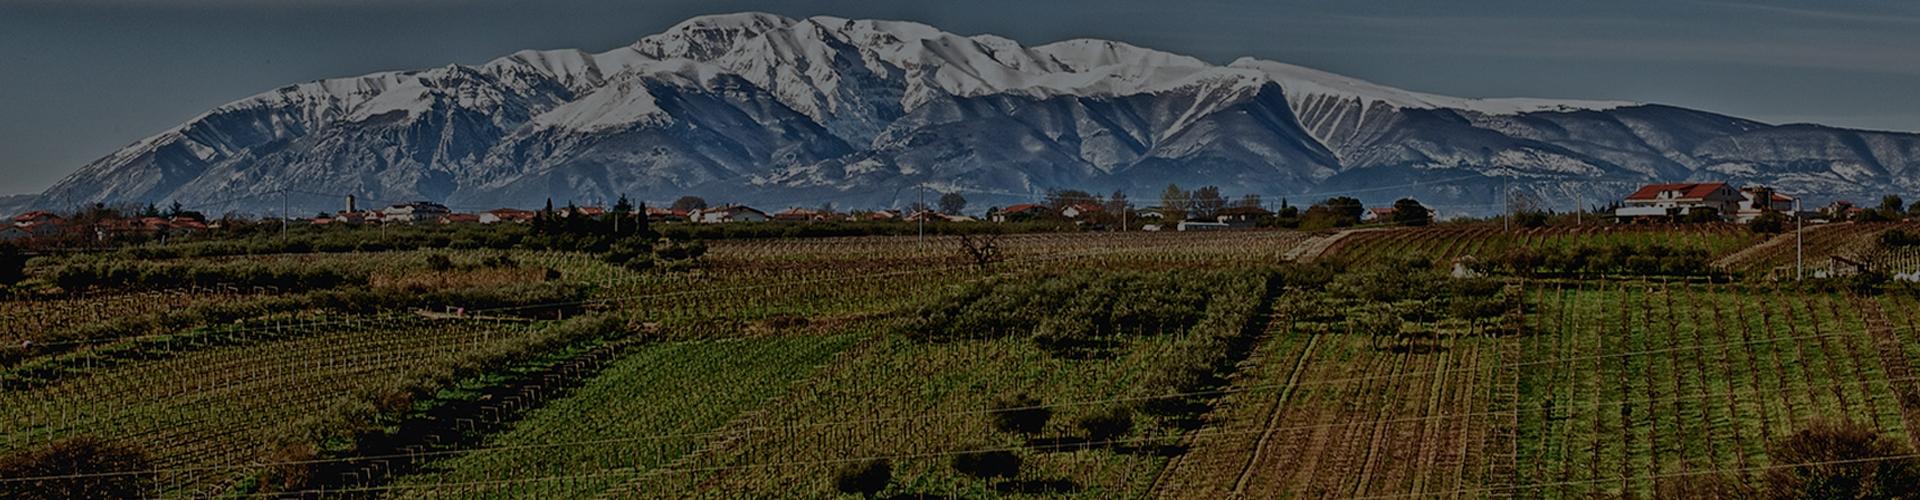 Tenuta Ulisse, Abruzzo